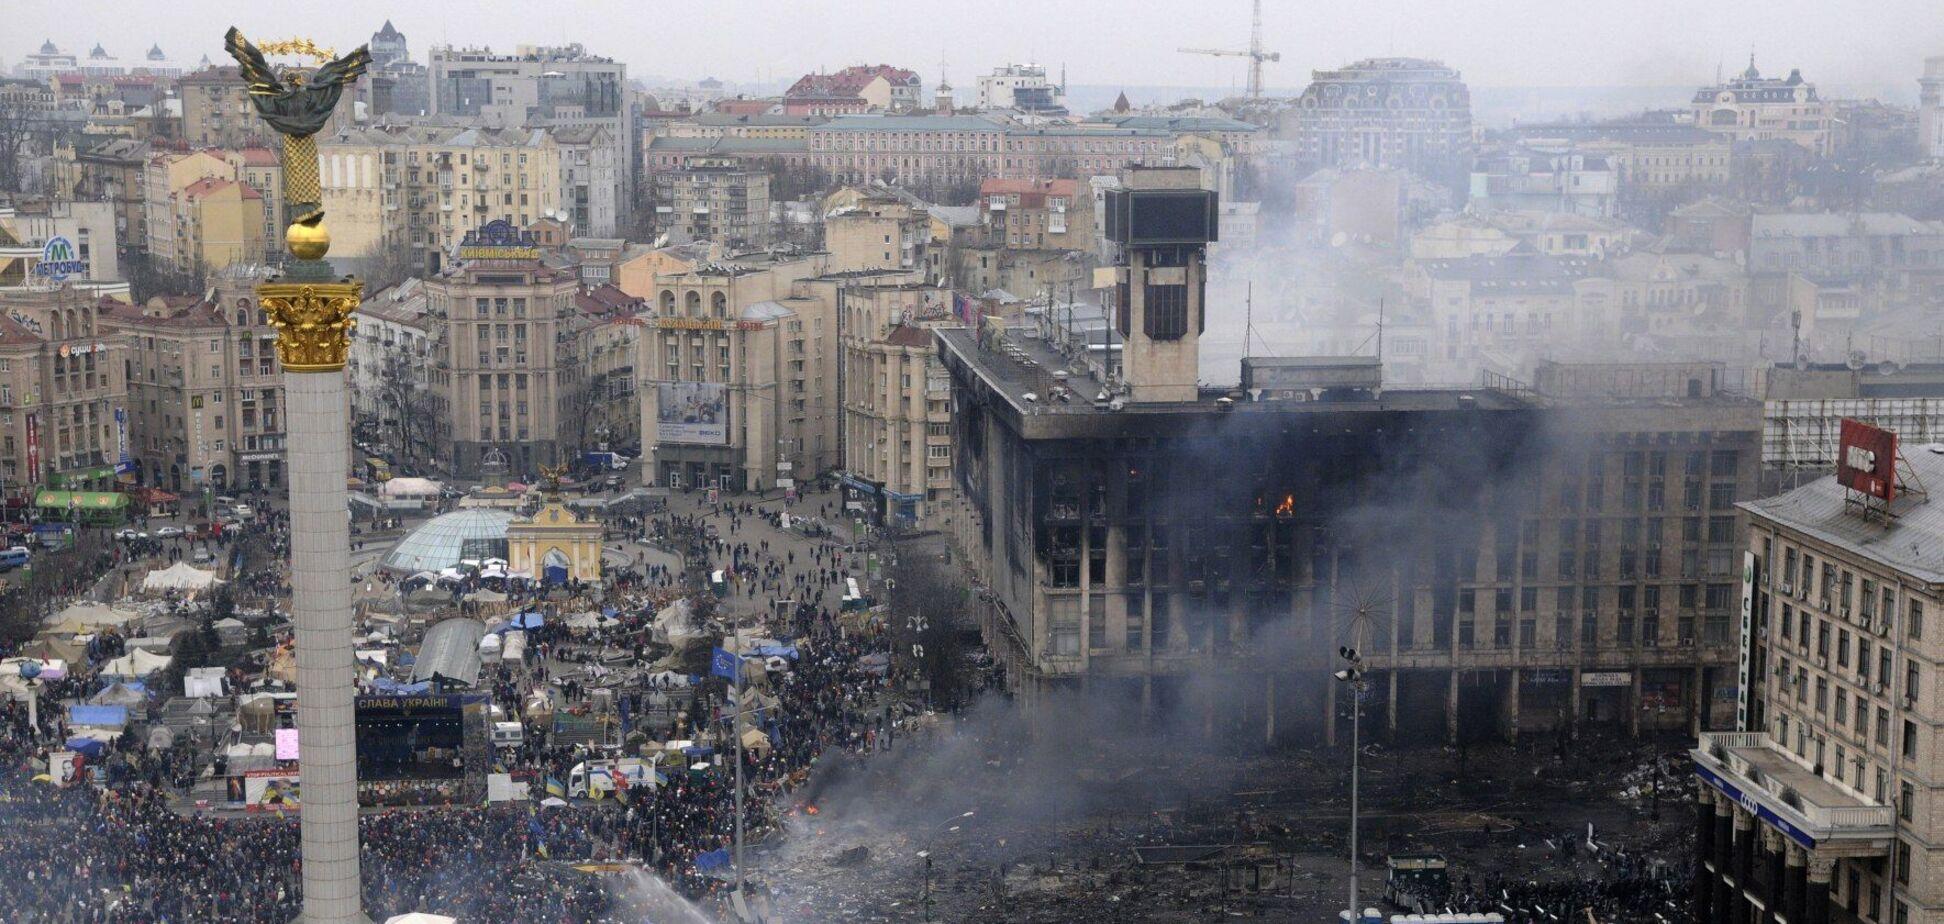 Киев, Майдан Незалежности, утро 19 февраля 2014 года